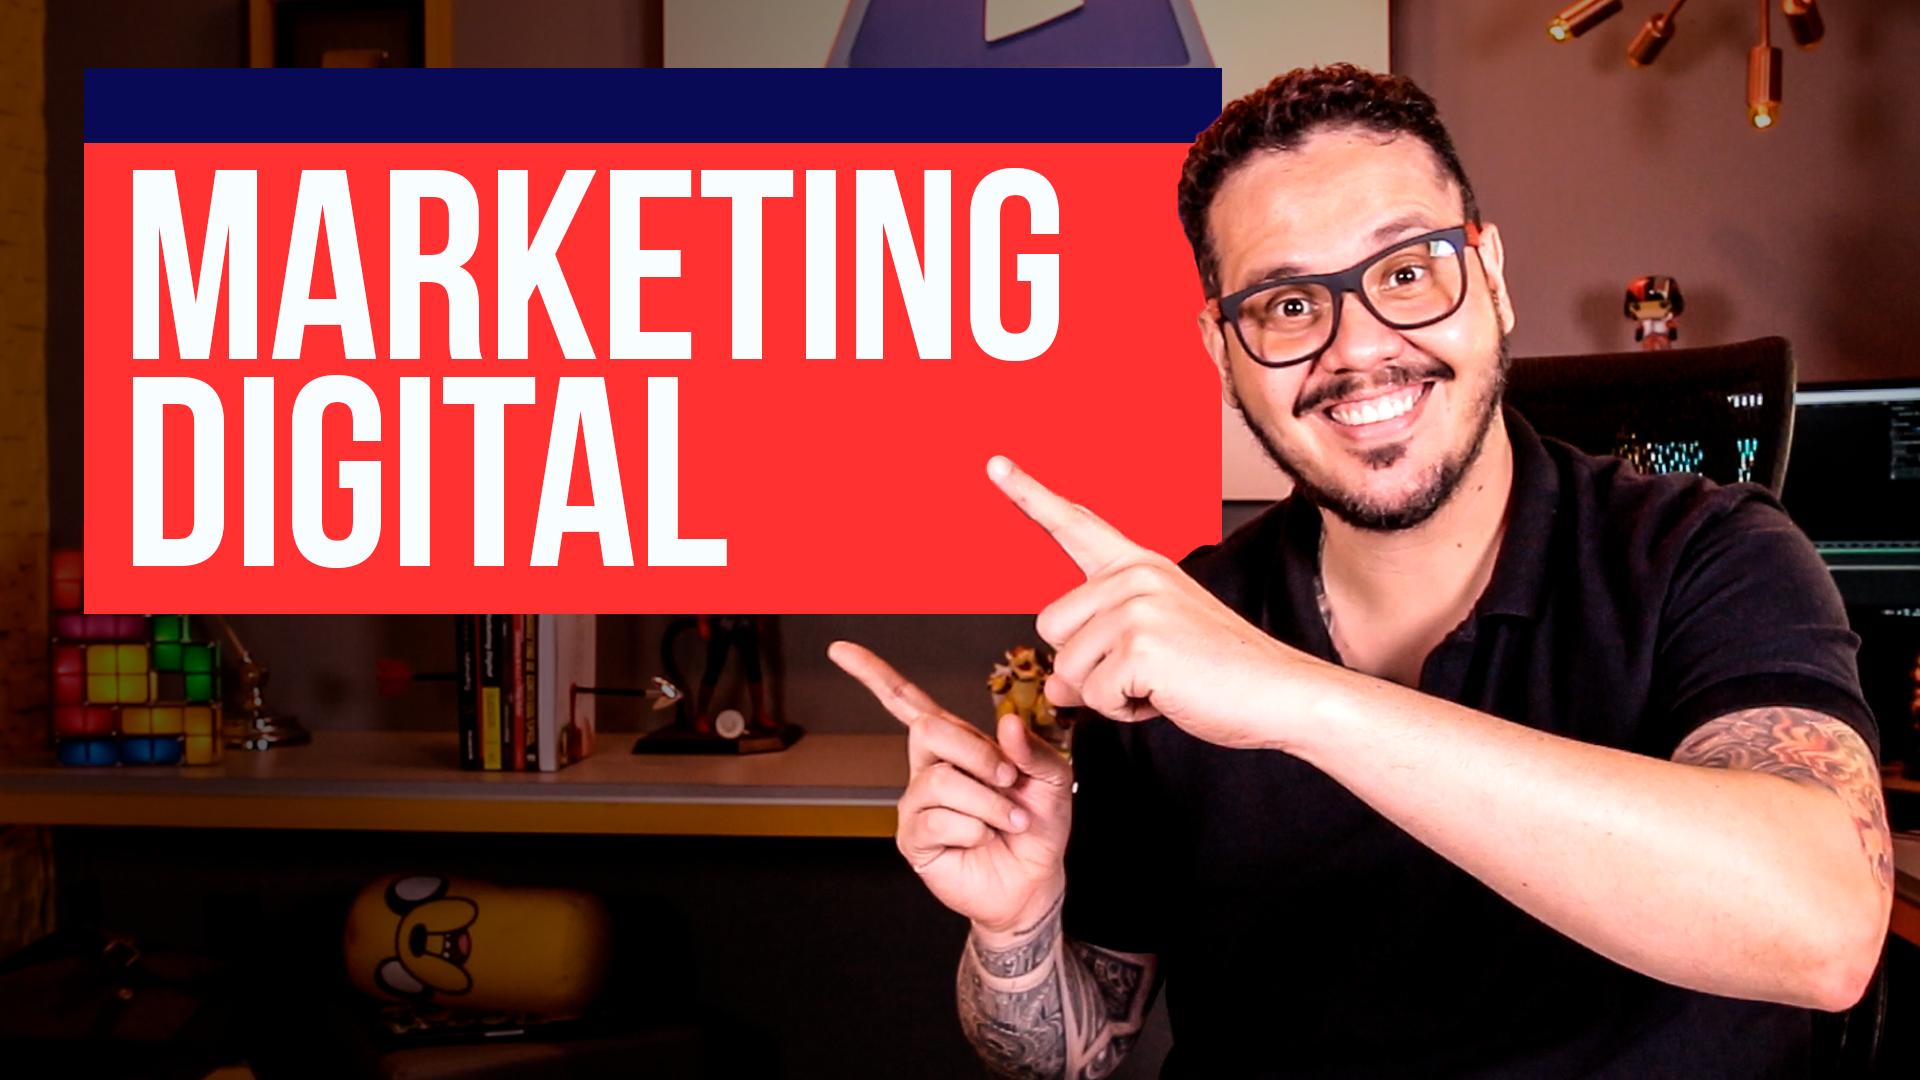 curso-marketing-digital-para-profissionais-ti-gratis